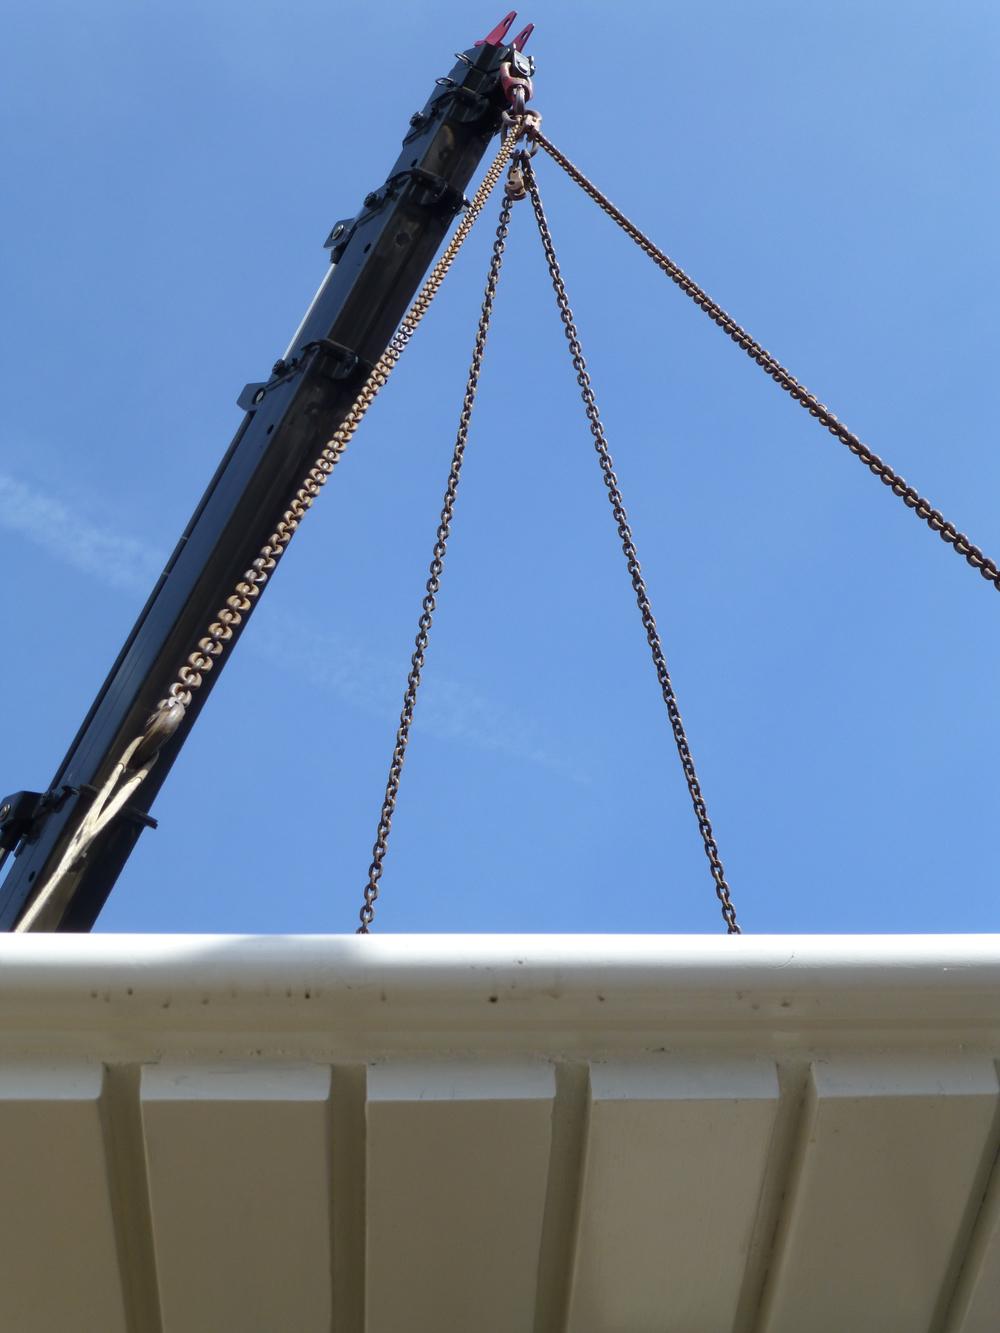 De kraanwagen hees het met kettingen omhoog en slierde het dak traag tot boven het wachthuisje